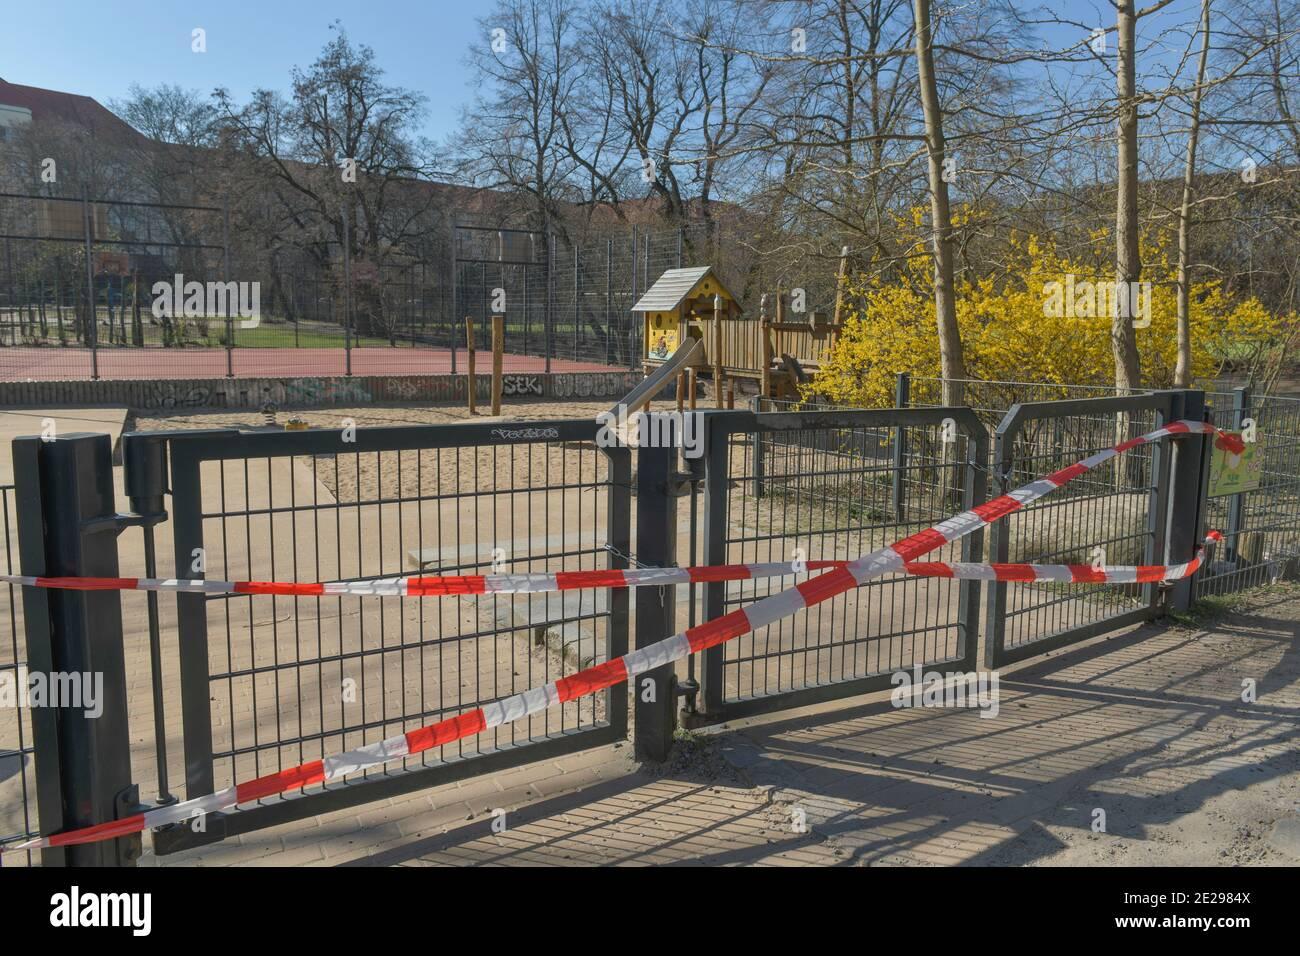 Berlín en Zeiten der Corona-Kise, 25.03.2020. Hier: Leerer Kinderspielplatz im Volkspark Wilmersdorf, Berlín, Alemania Foto de stock